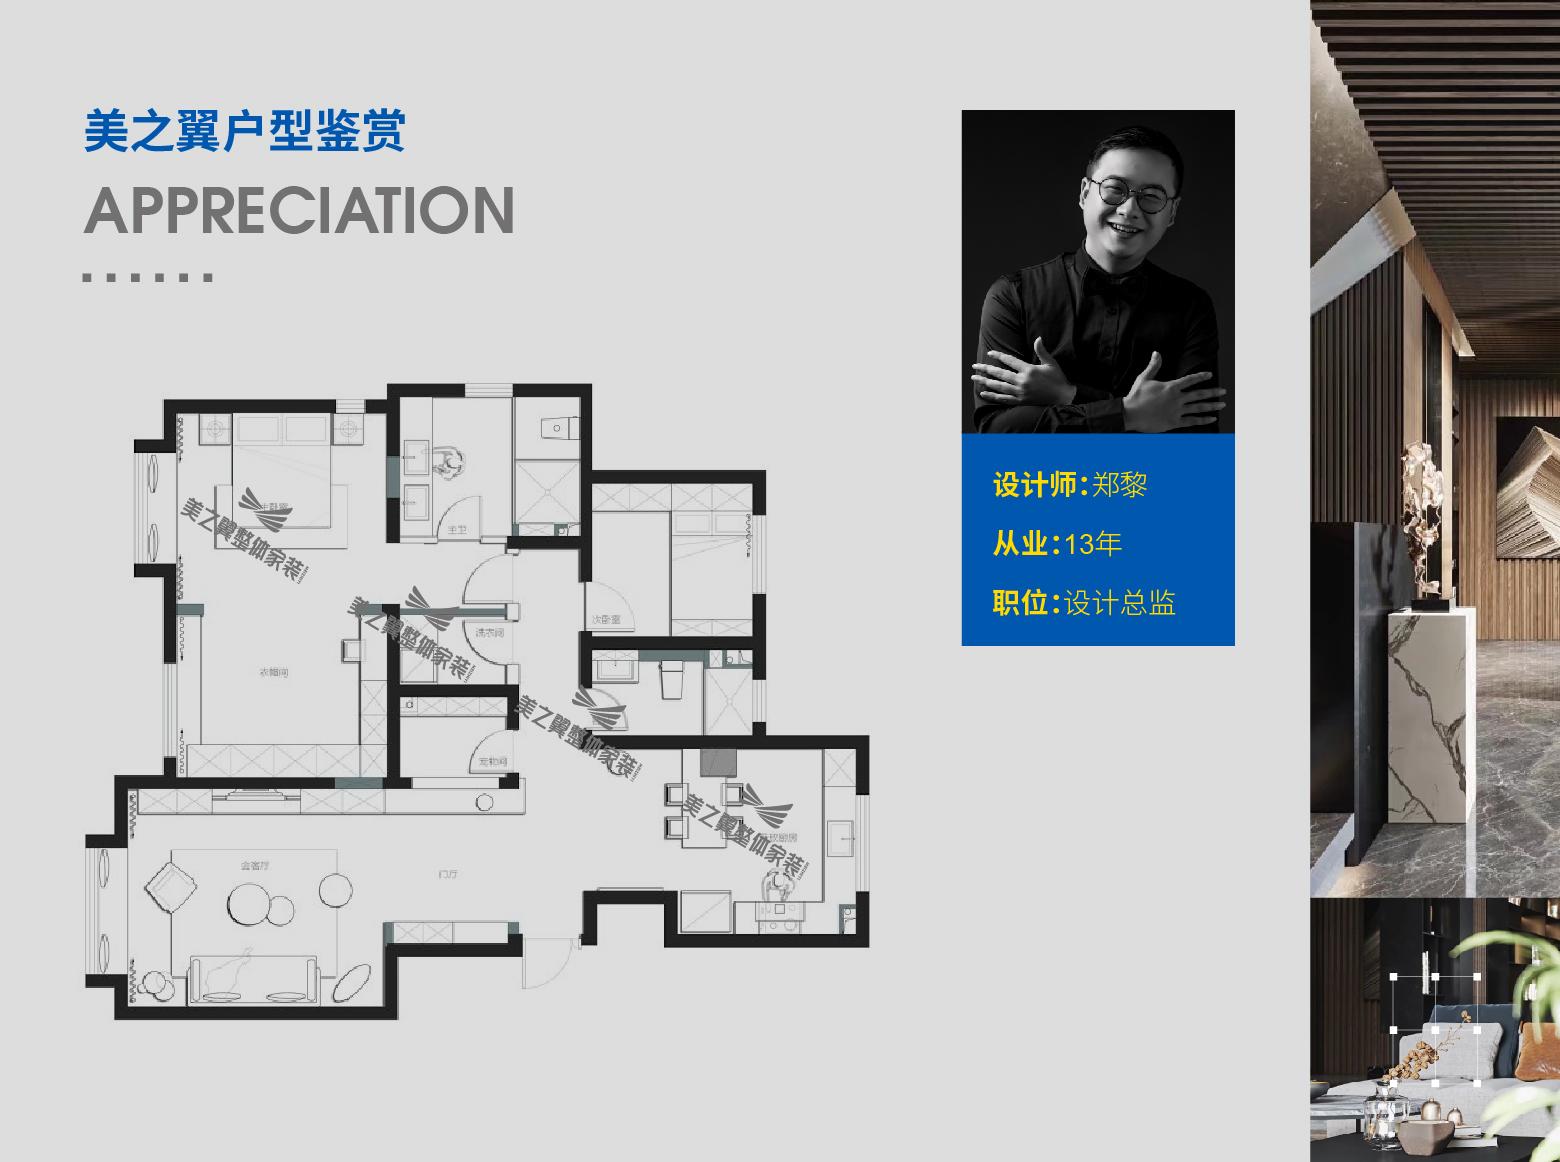 【金岸雅苑】现代简约三居室 126㎡